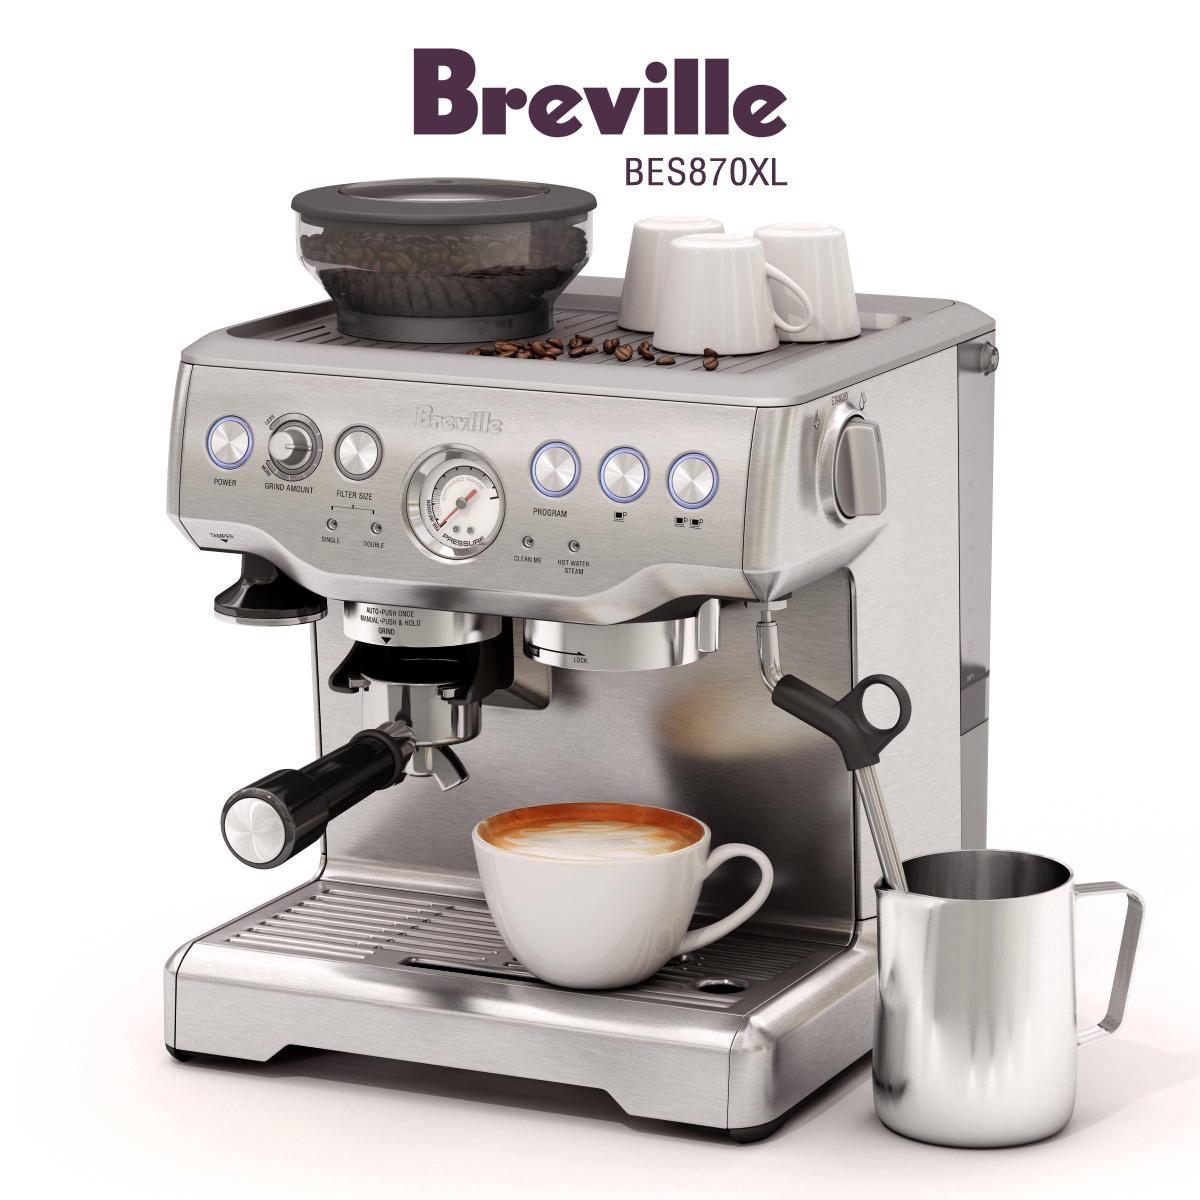 Breville Barista Express Bes870xl